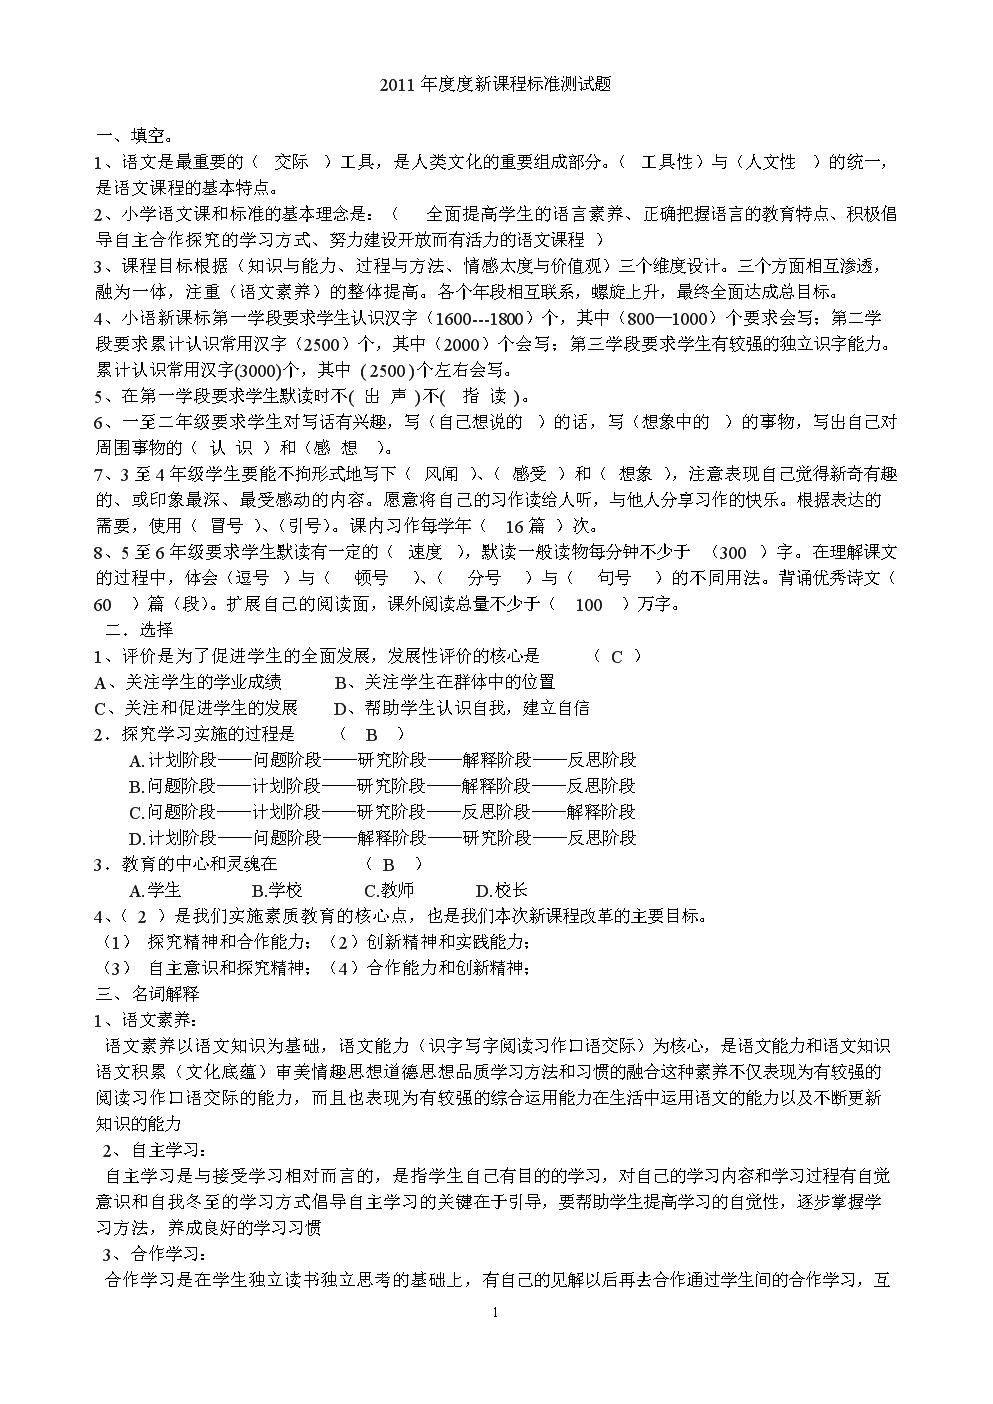 小学语文新课程标准测试题2.doc